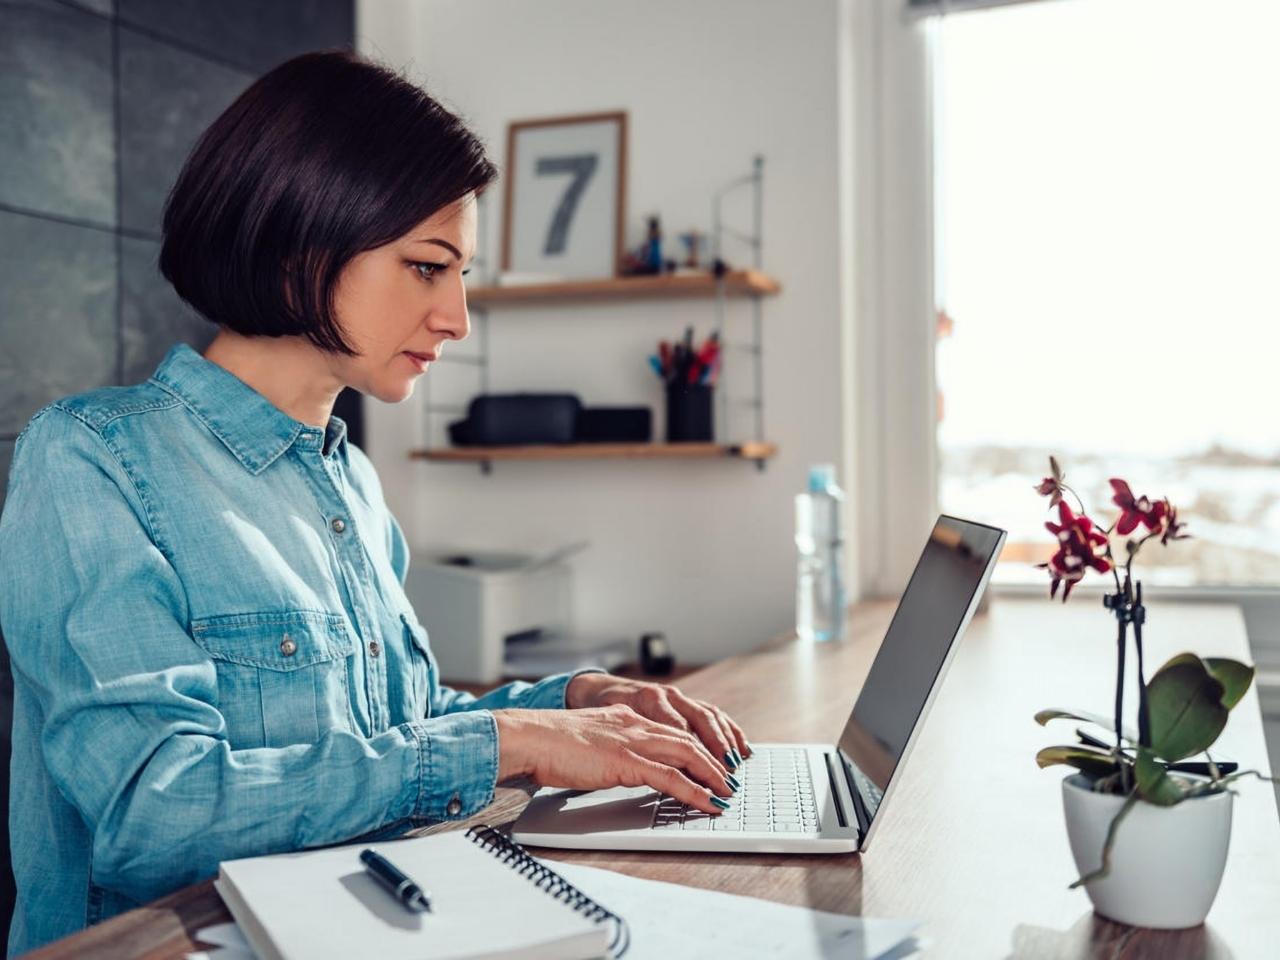 在宅勤務のセキュリティ対策に認識の甘さ--クラウドストライクが指摘